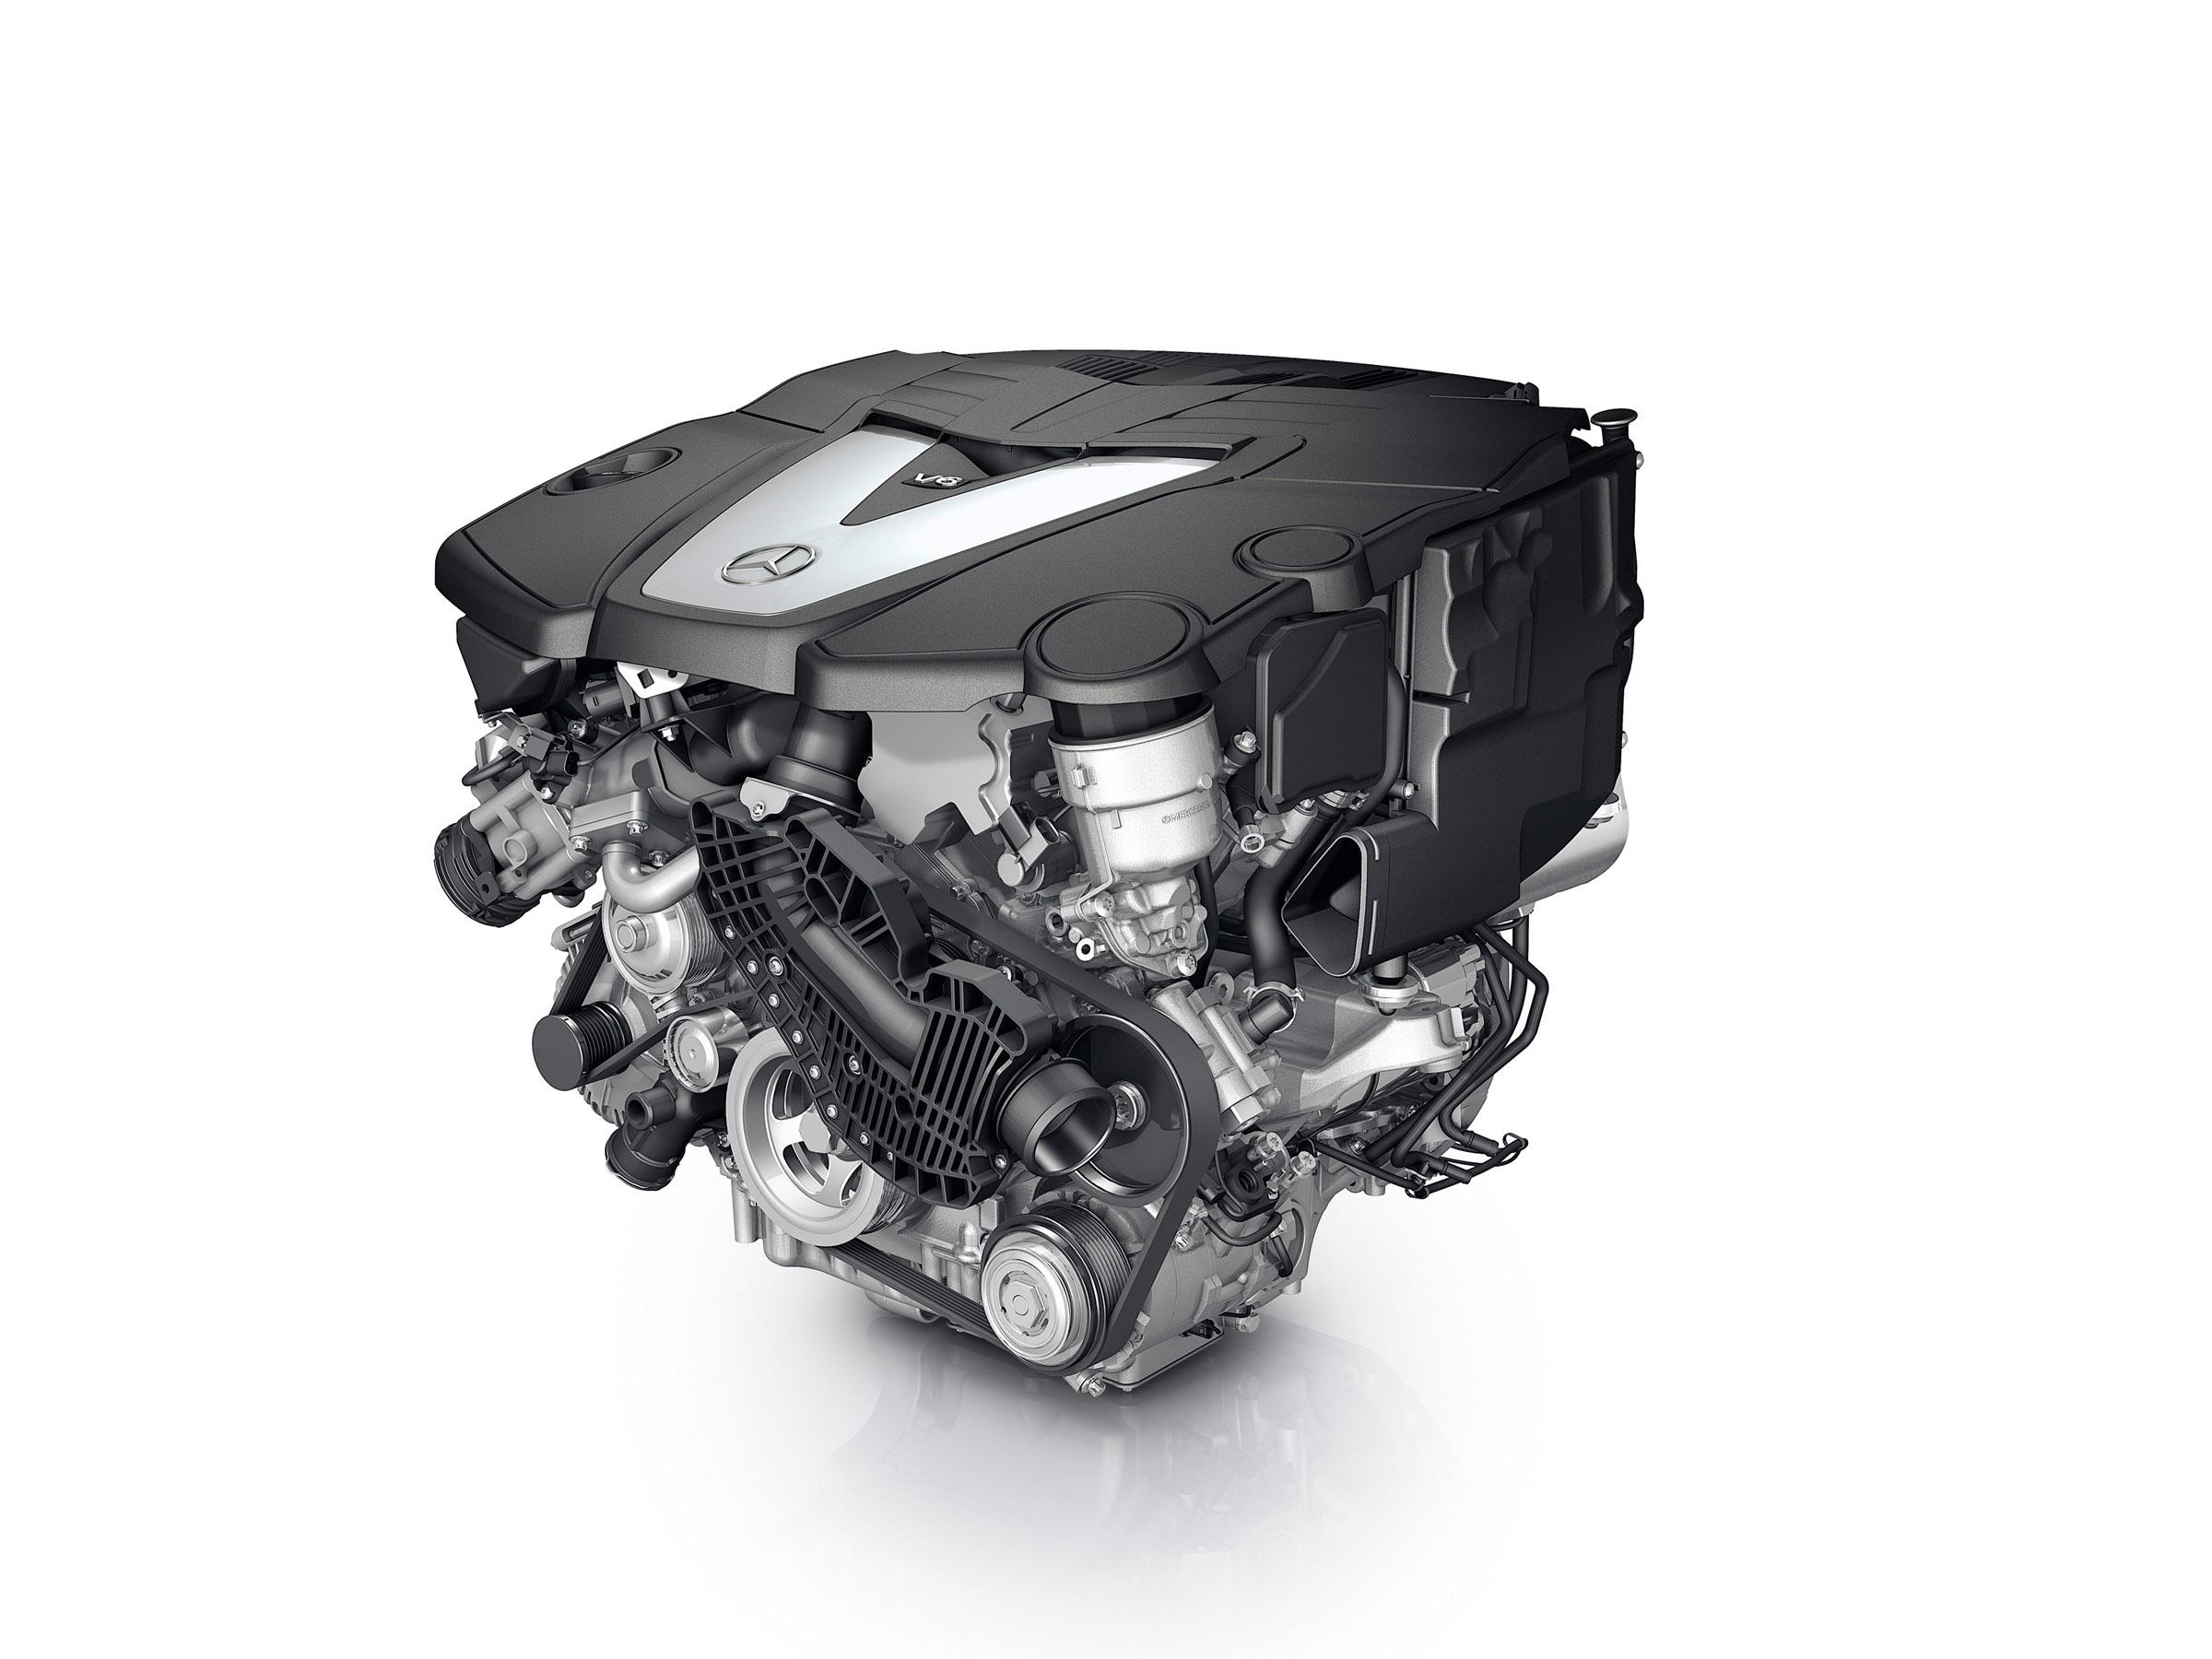 2010 Mercedes-Benz S350 BlueTEC - наиболее эффективным и безопасным S-Class когда-либо - фотография №6